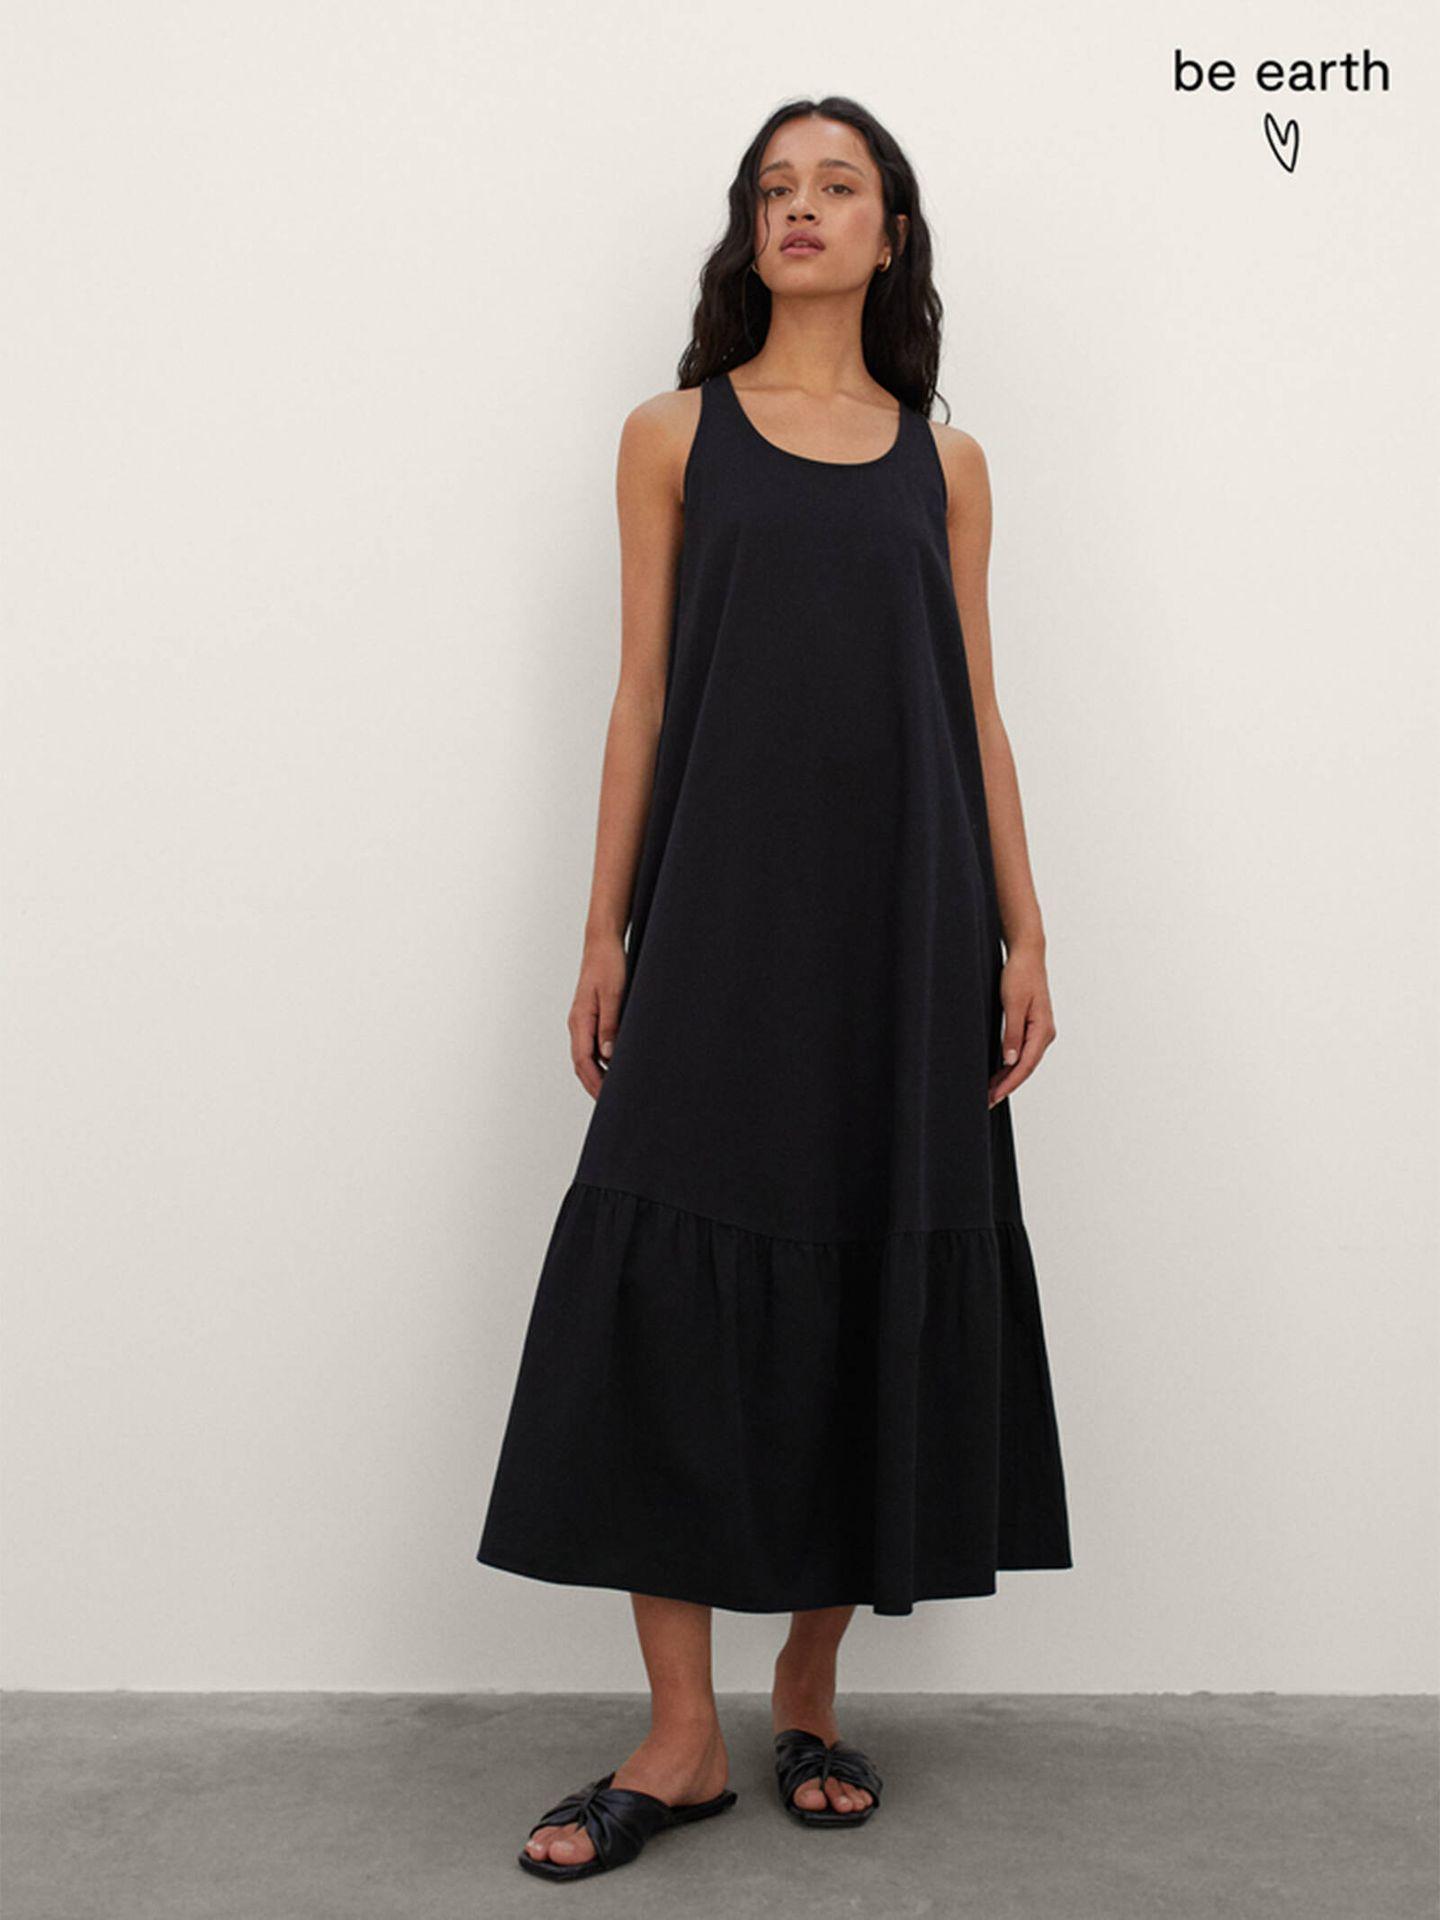 El vestido sostenible de Parfois diseñado para todo tipo de cuerpos. (Cortesía)